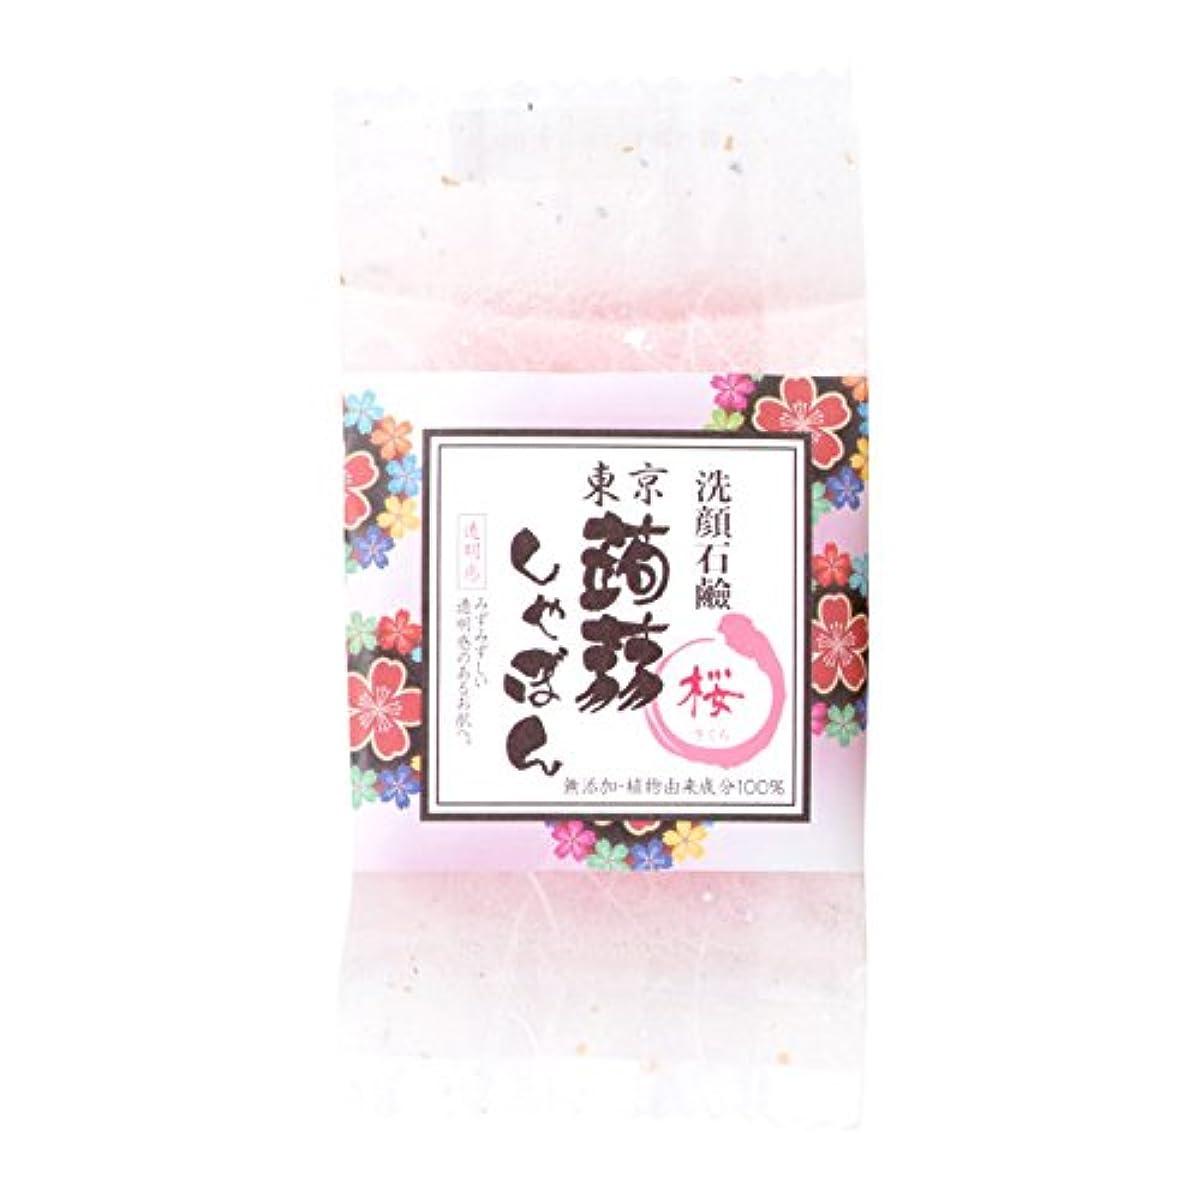 谷鮮やかなビリーヤギ東京蒟蒻しゃぼん東京 桜(さくら)